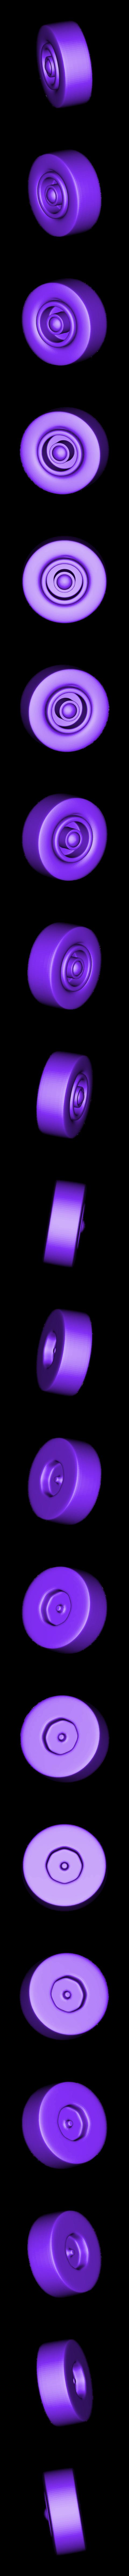 Tire-Back_L.stl Download STL file Rocket Car • 3D printer design, svandalk